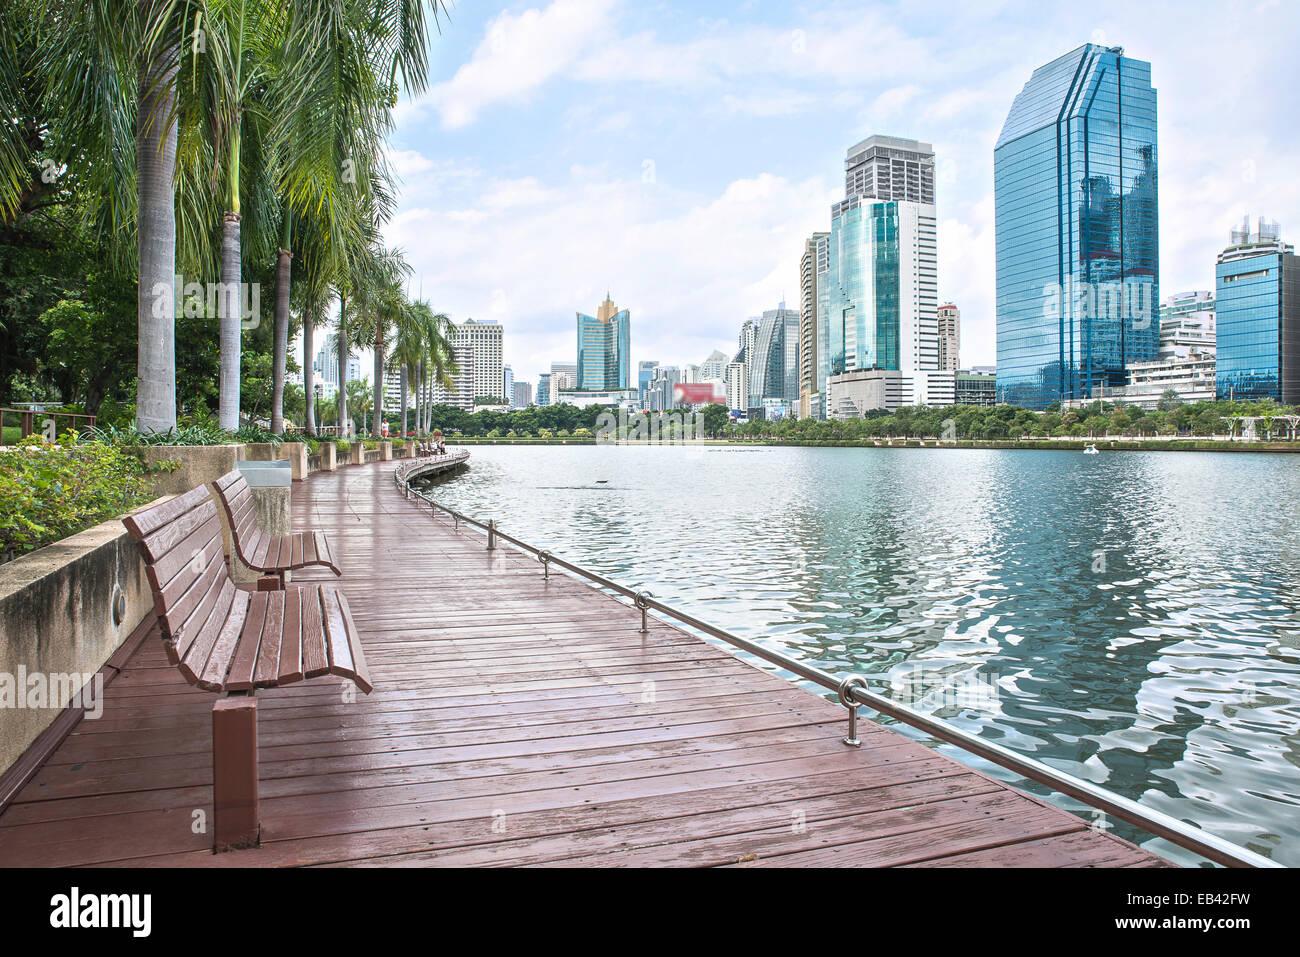 Vue sur la ville moderne de Bangkok, Thaïlande. Cityscape Photo Stock